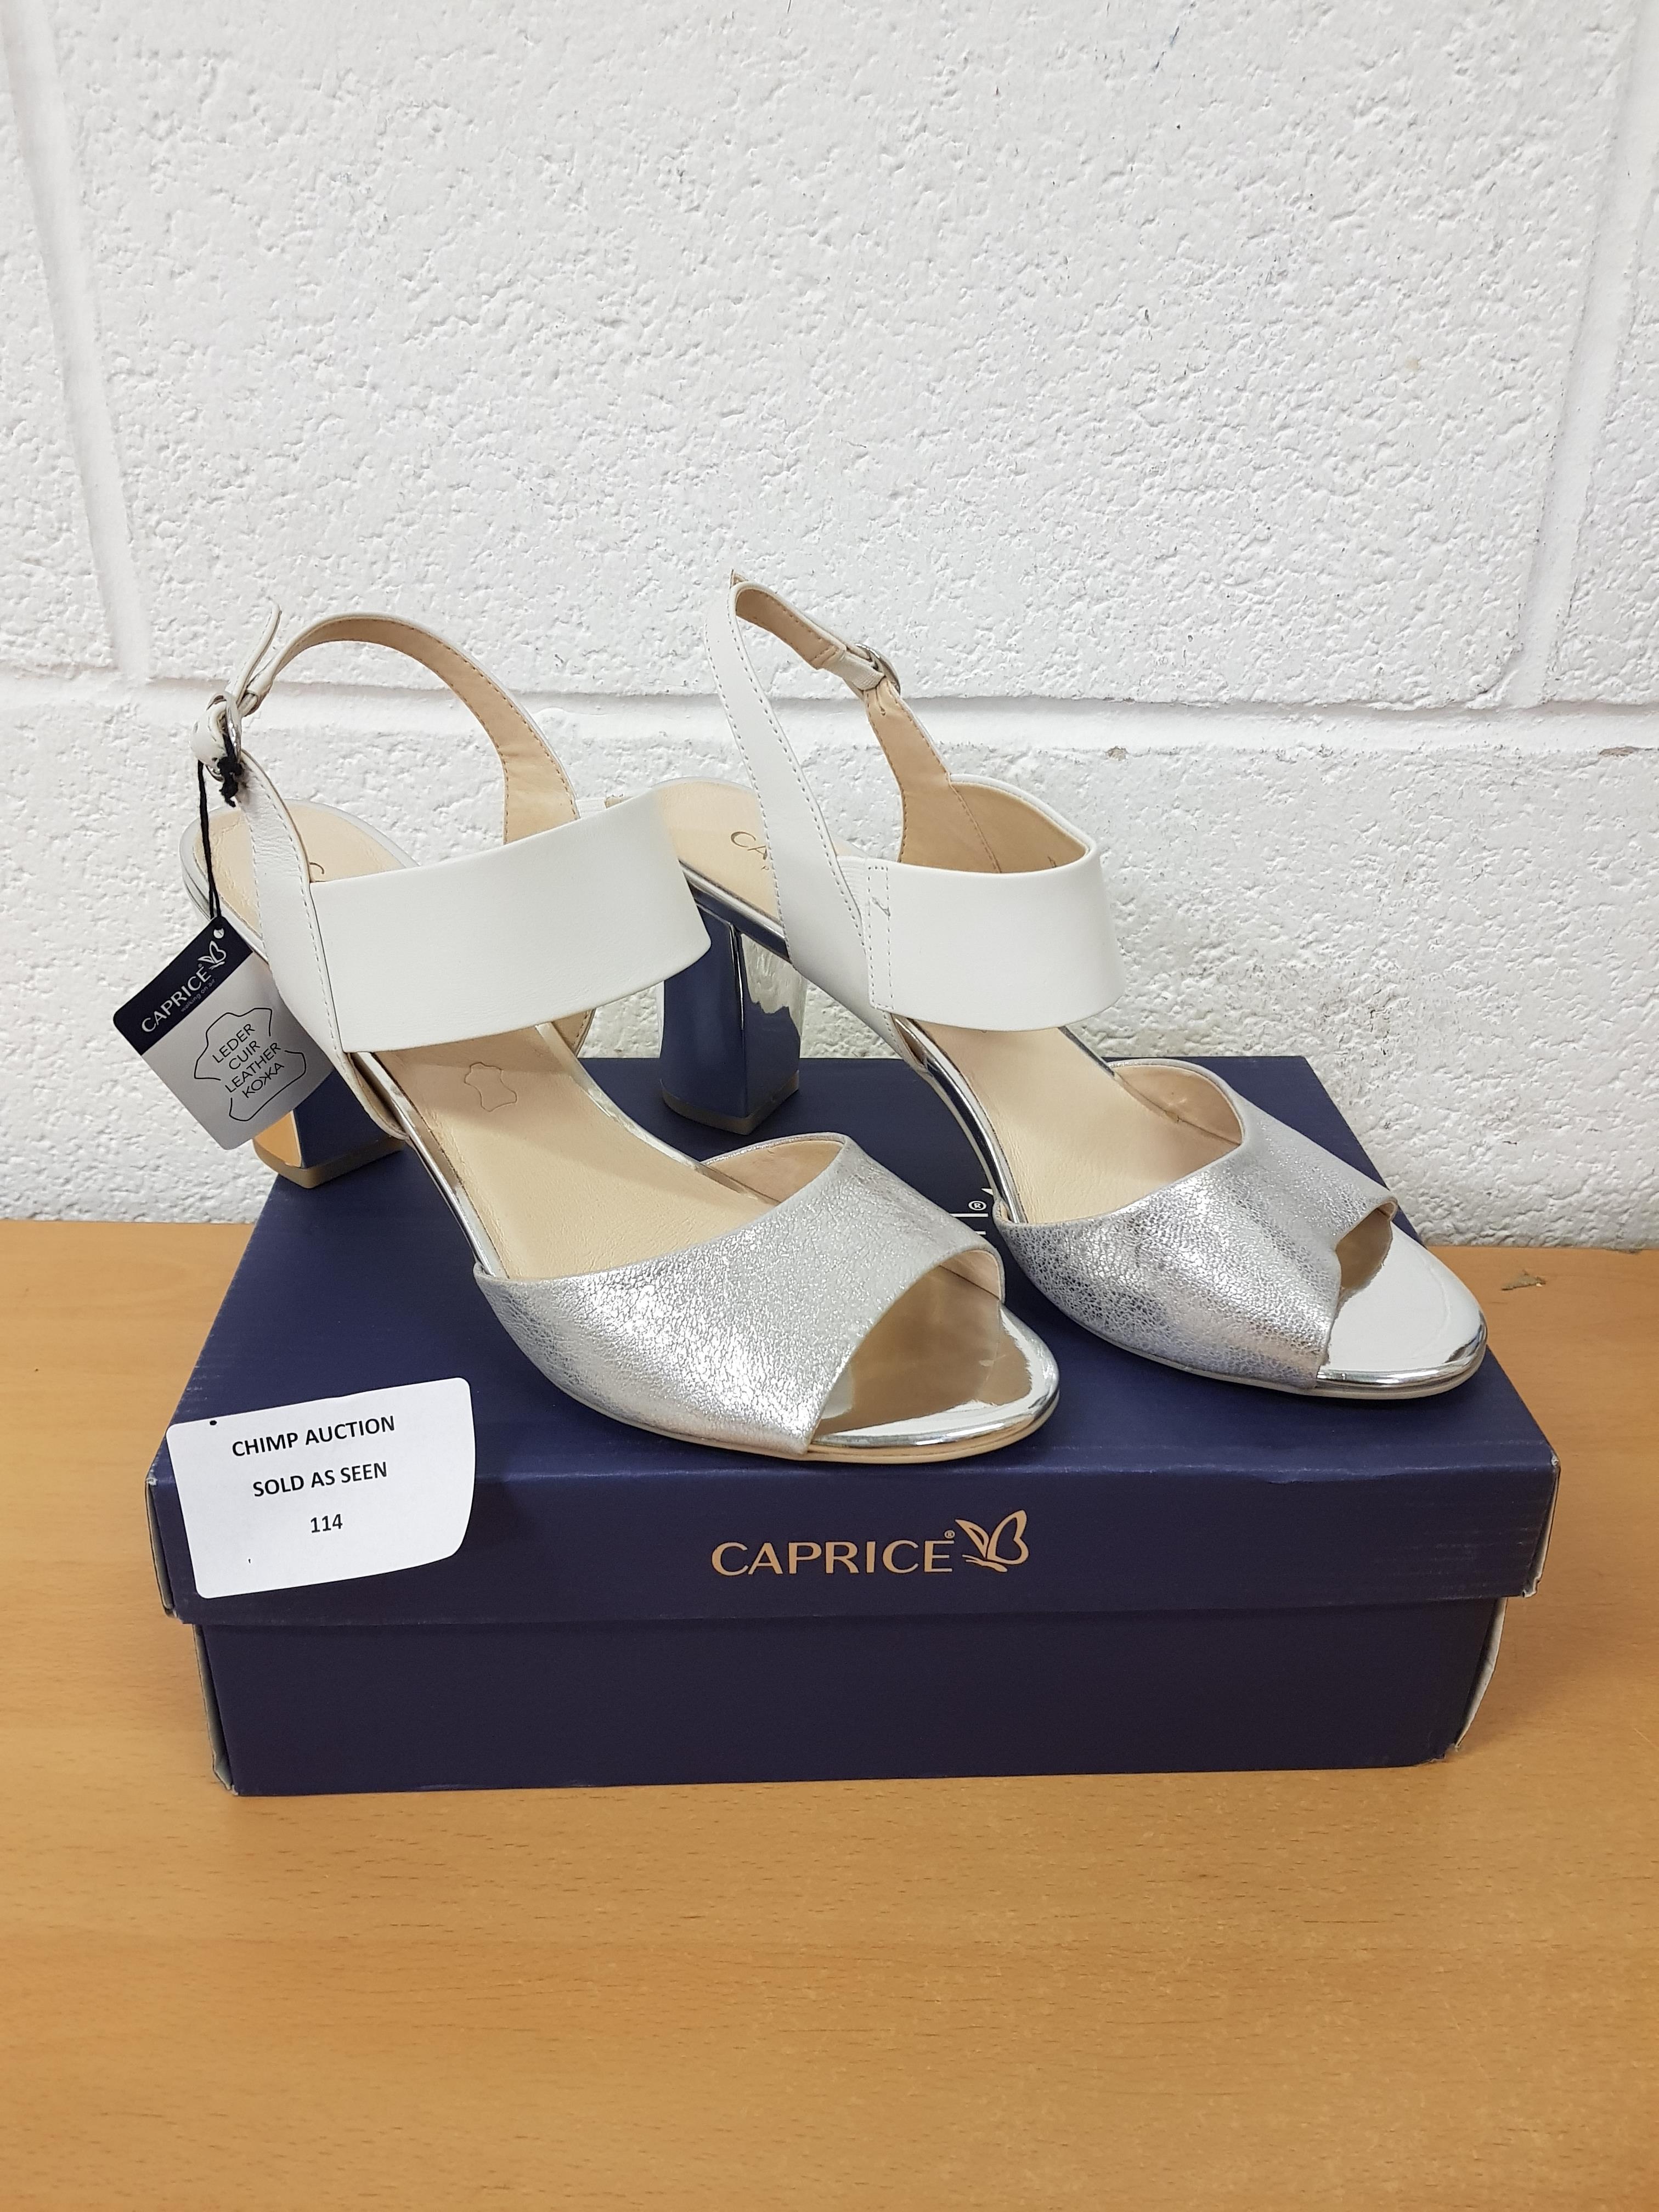 Lot 114 - Caprice ladies premium shoes UK 7.5